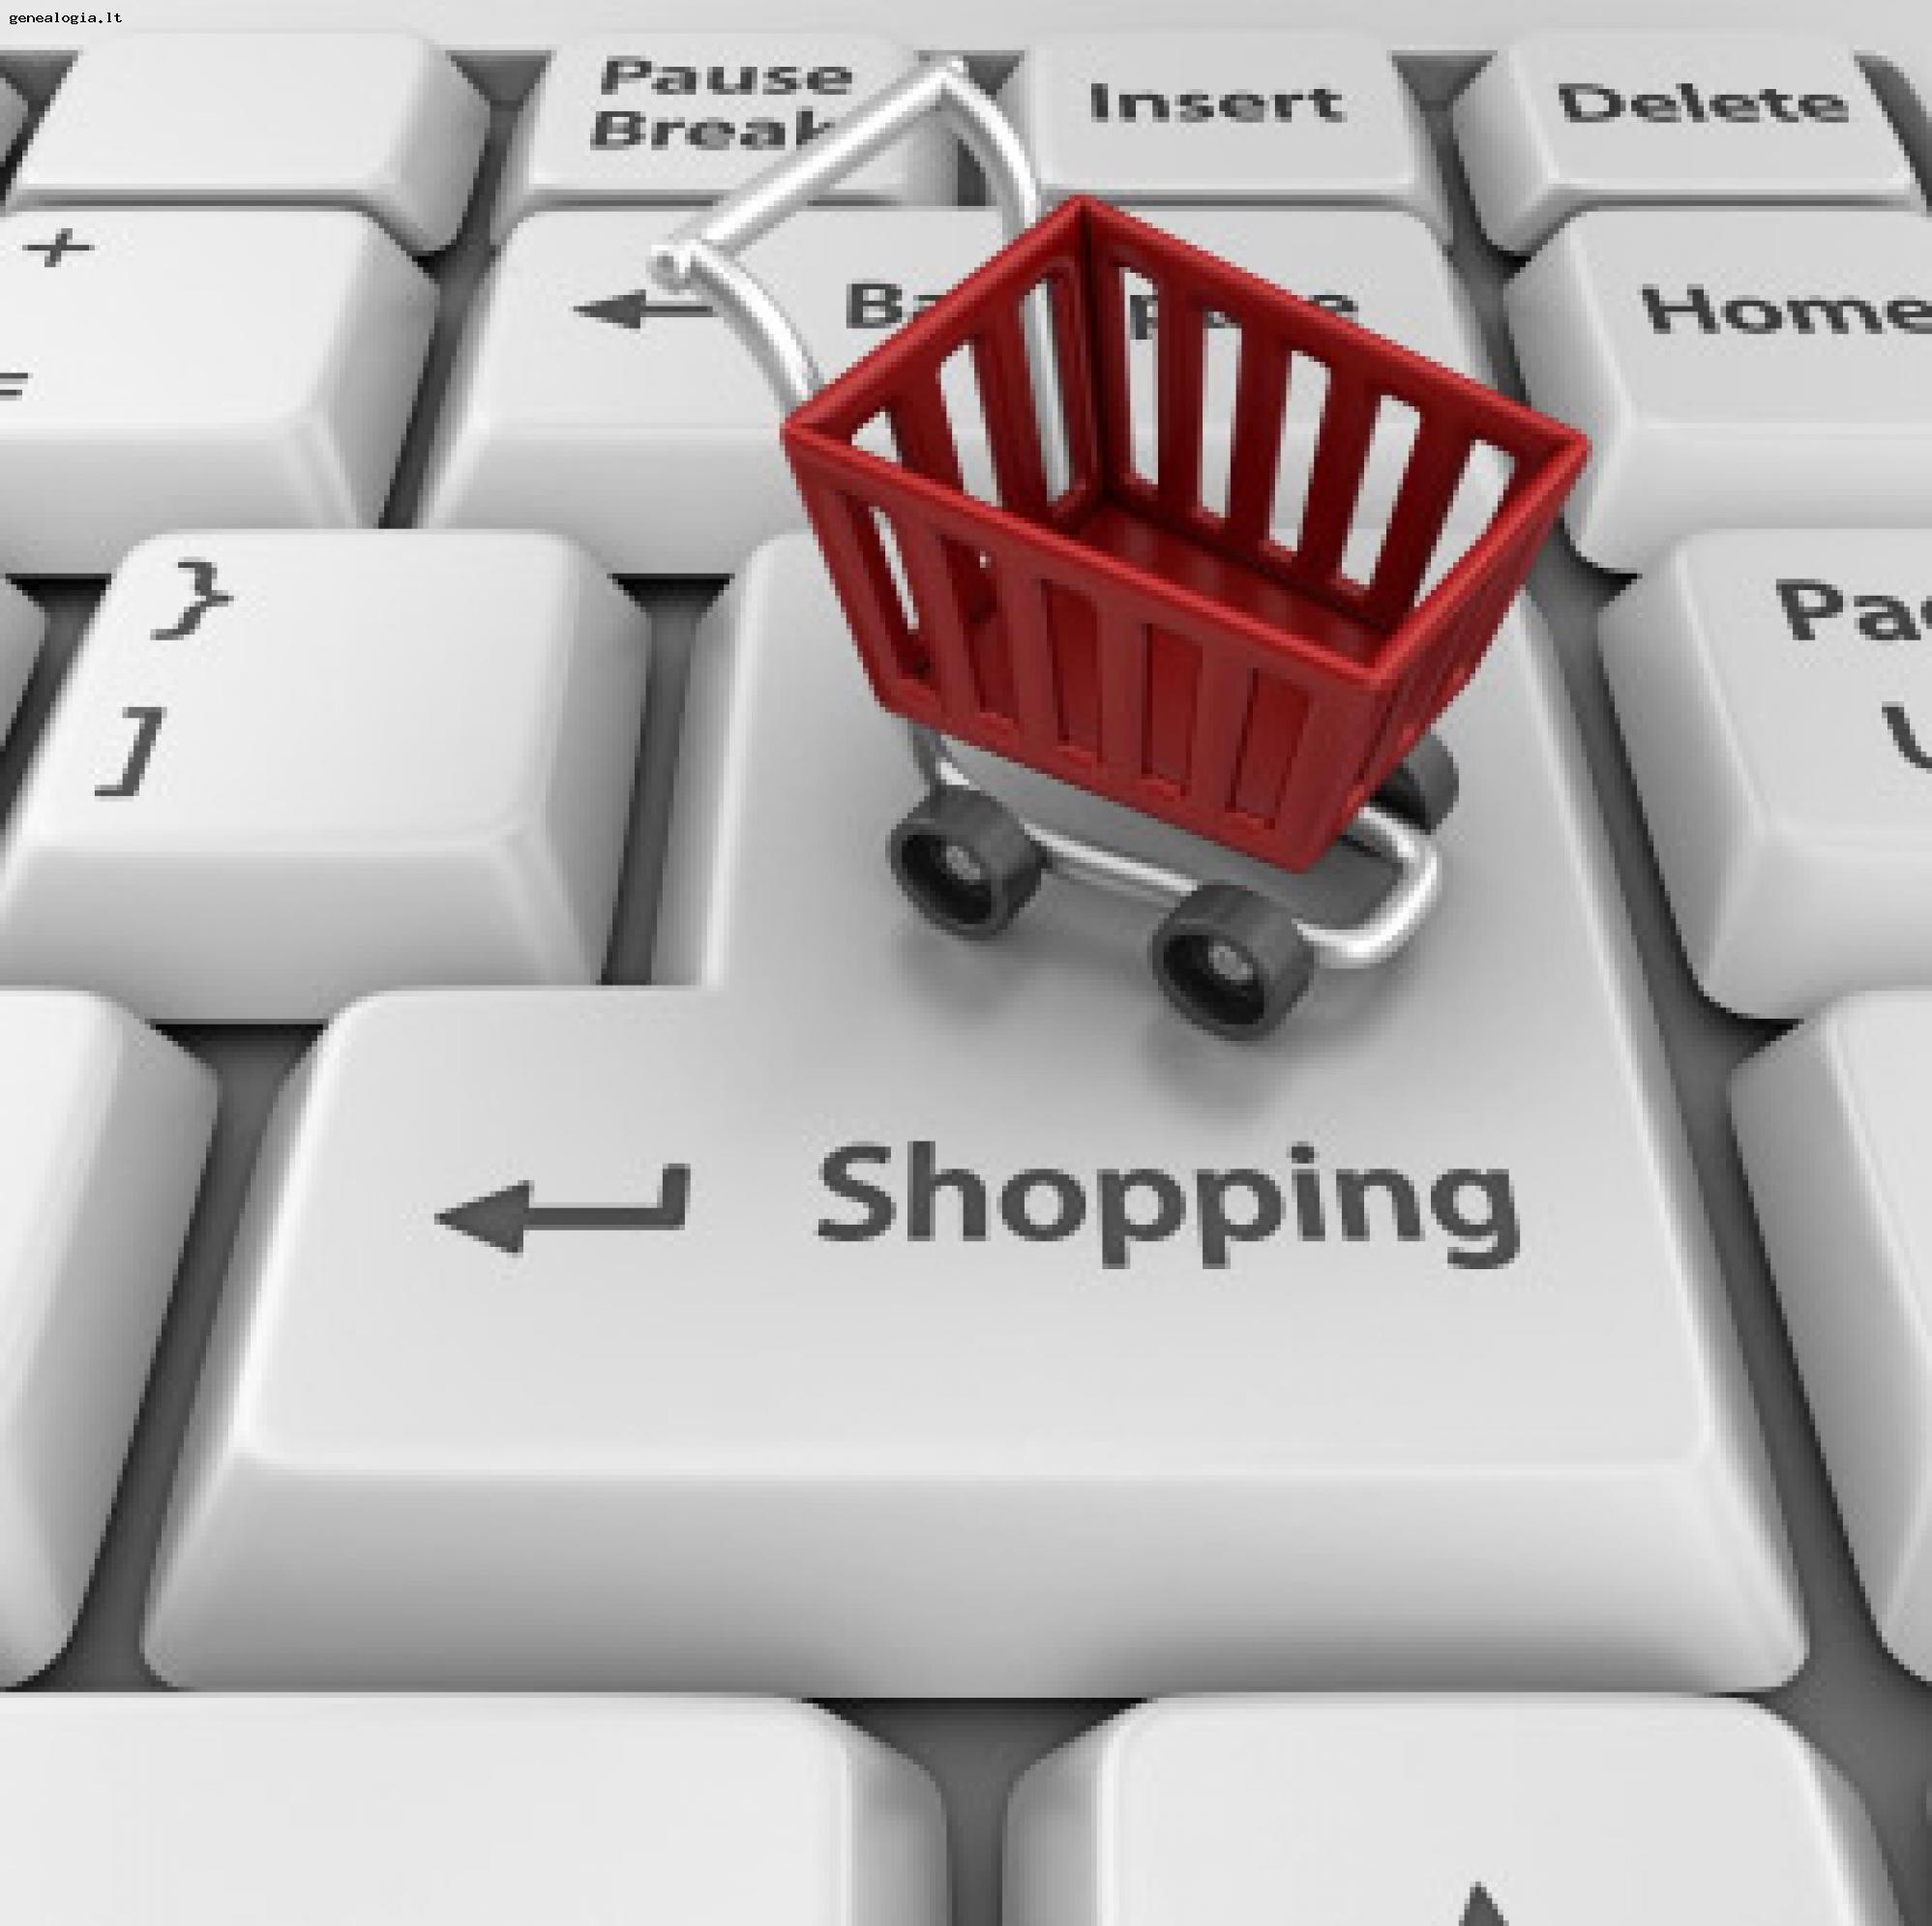 087fba629ac1c Покупать товары в интернет-магазинах станет безопаснее , интернет, Айбатыр  Жумагулов, законопроект ,